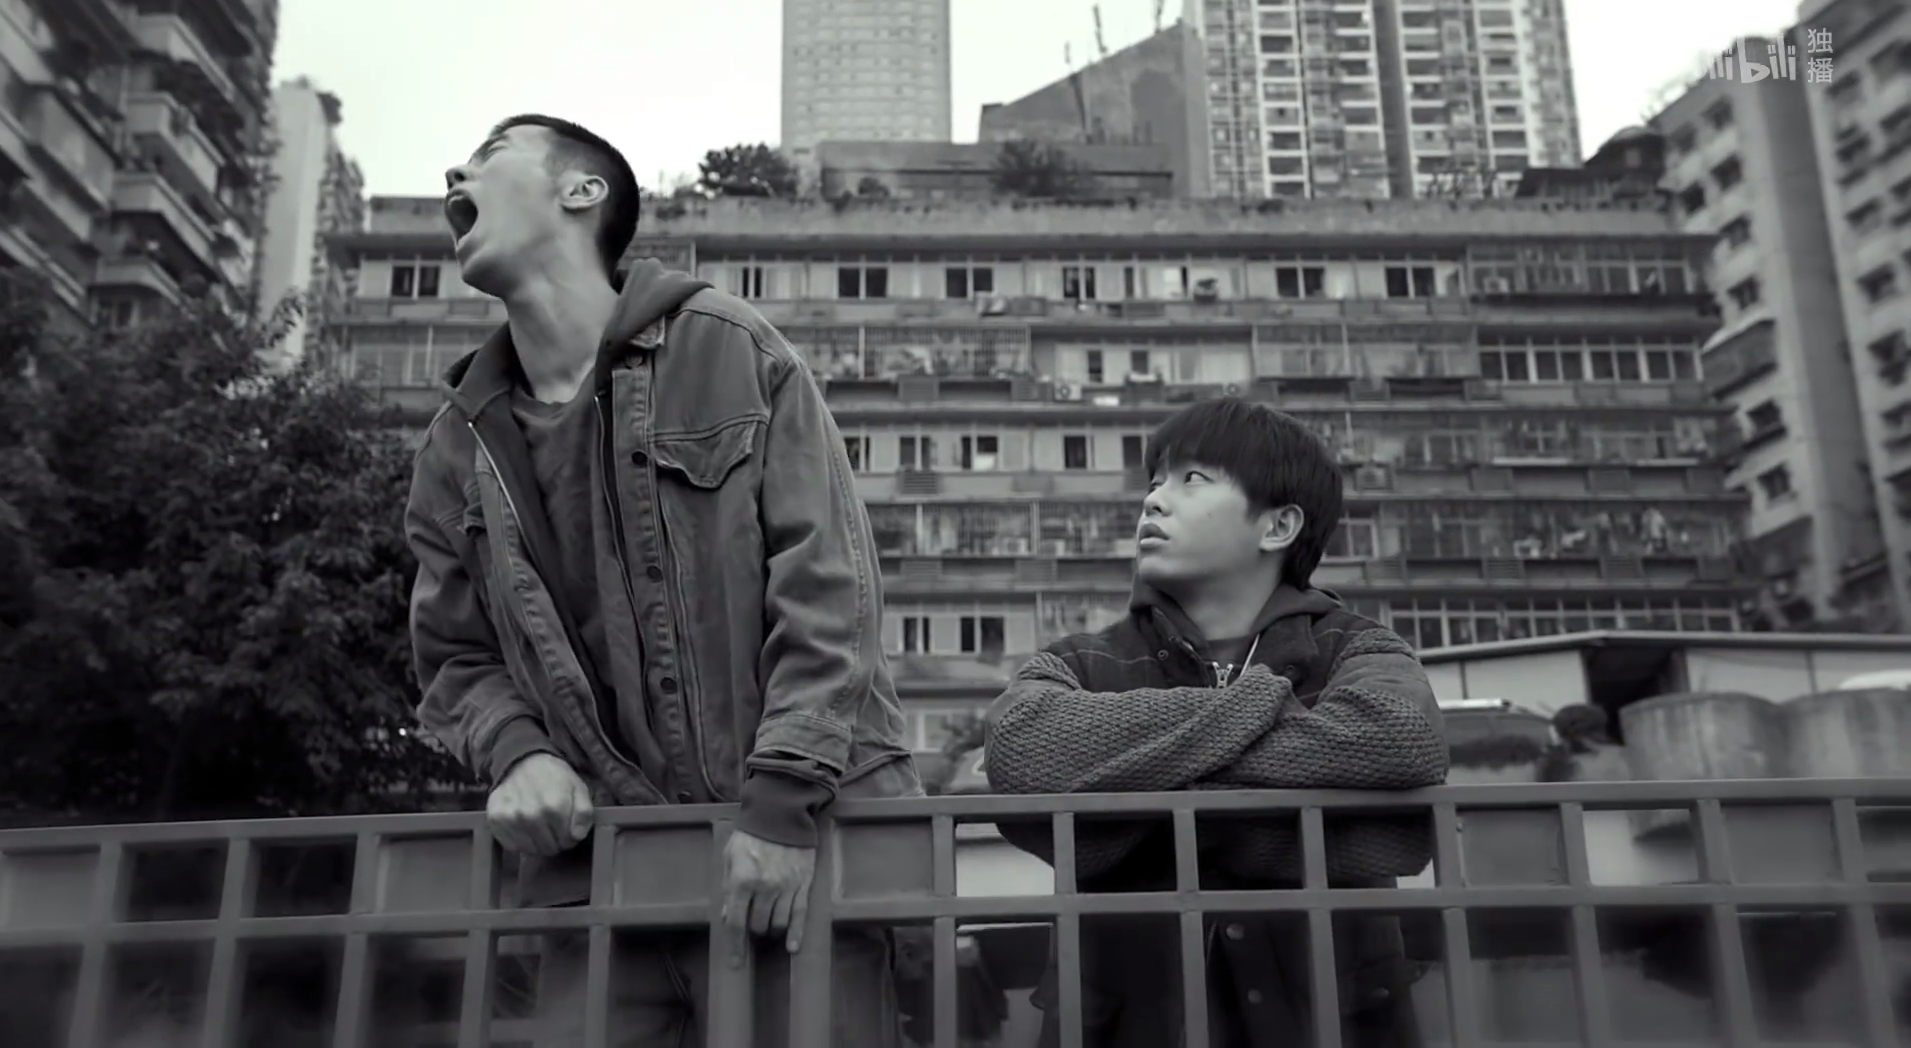 虽然还剩1集大结局,但看到刘闻钦横死街头后:我需要冷静一下